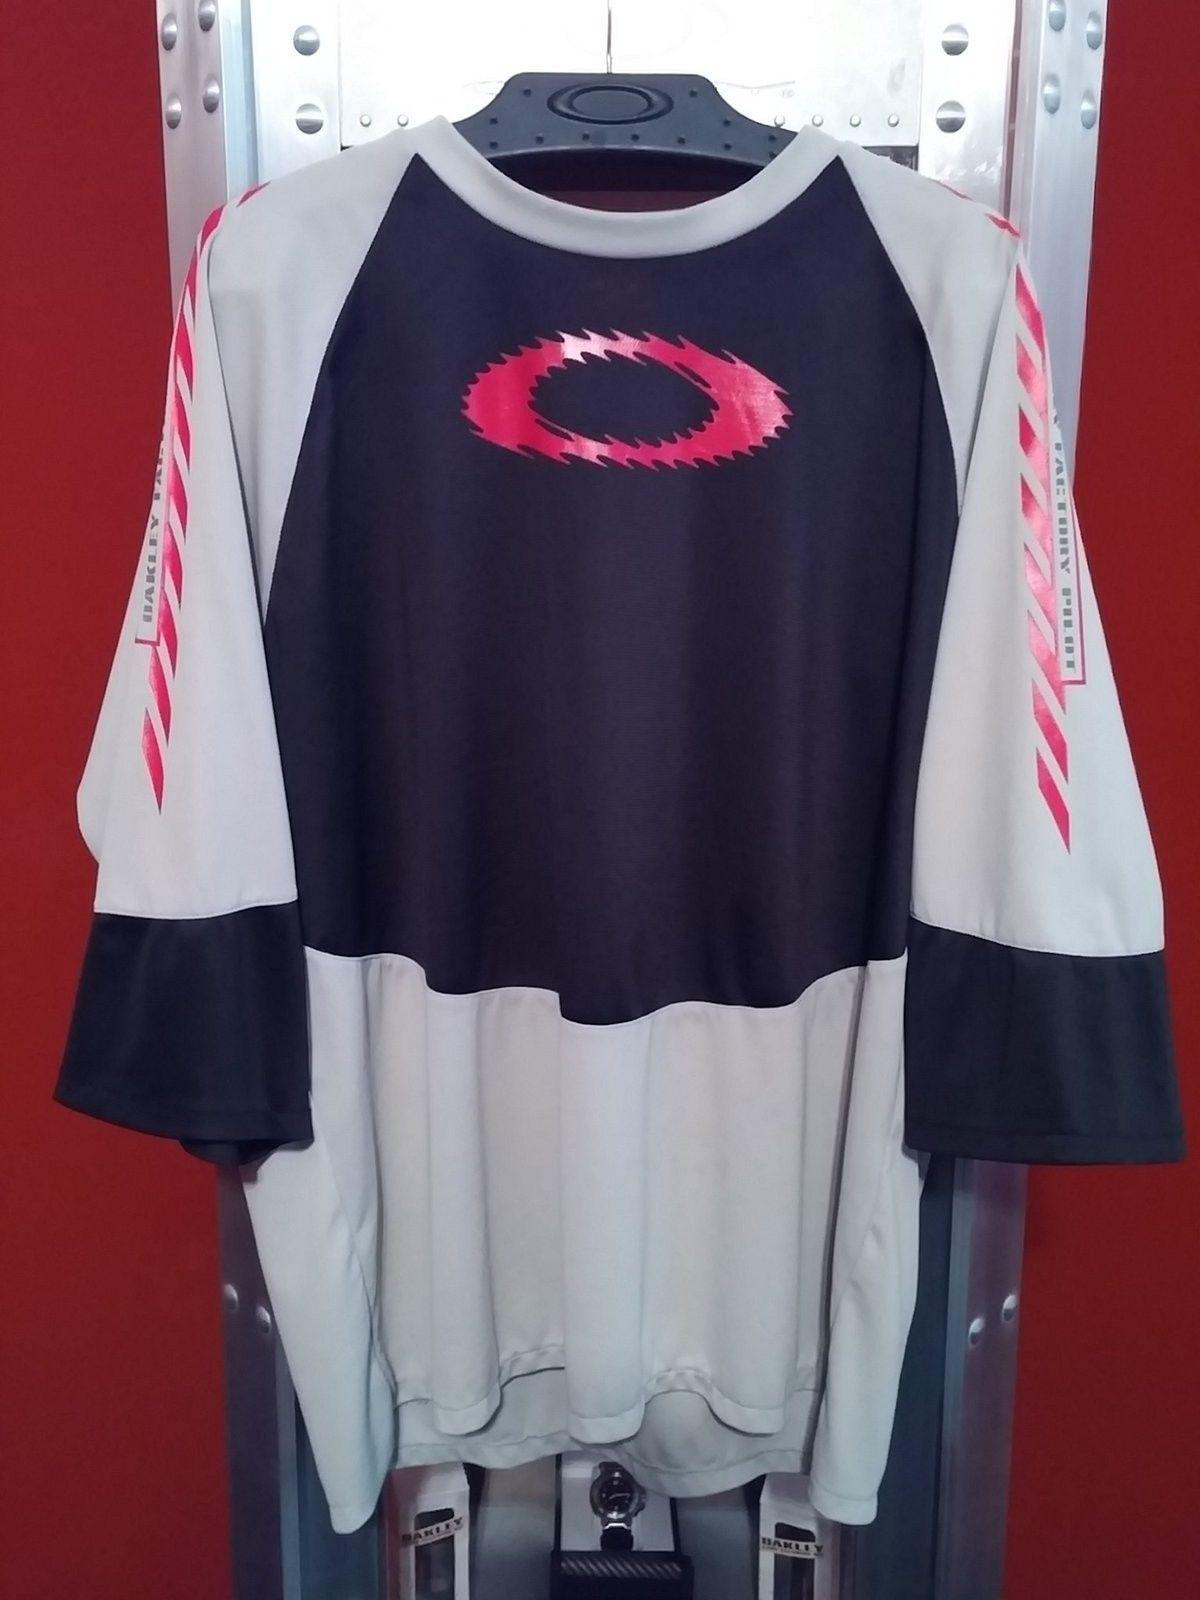 oakley jersey mtb